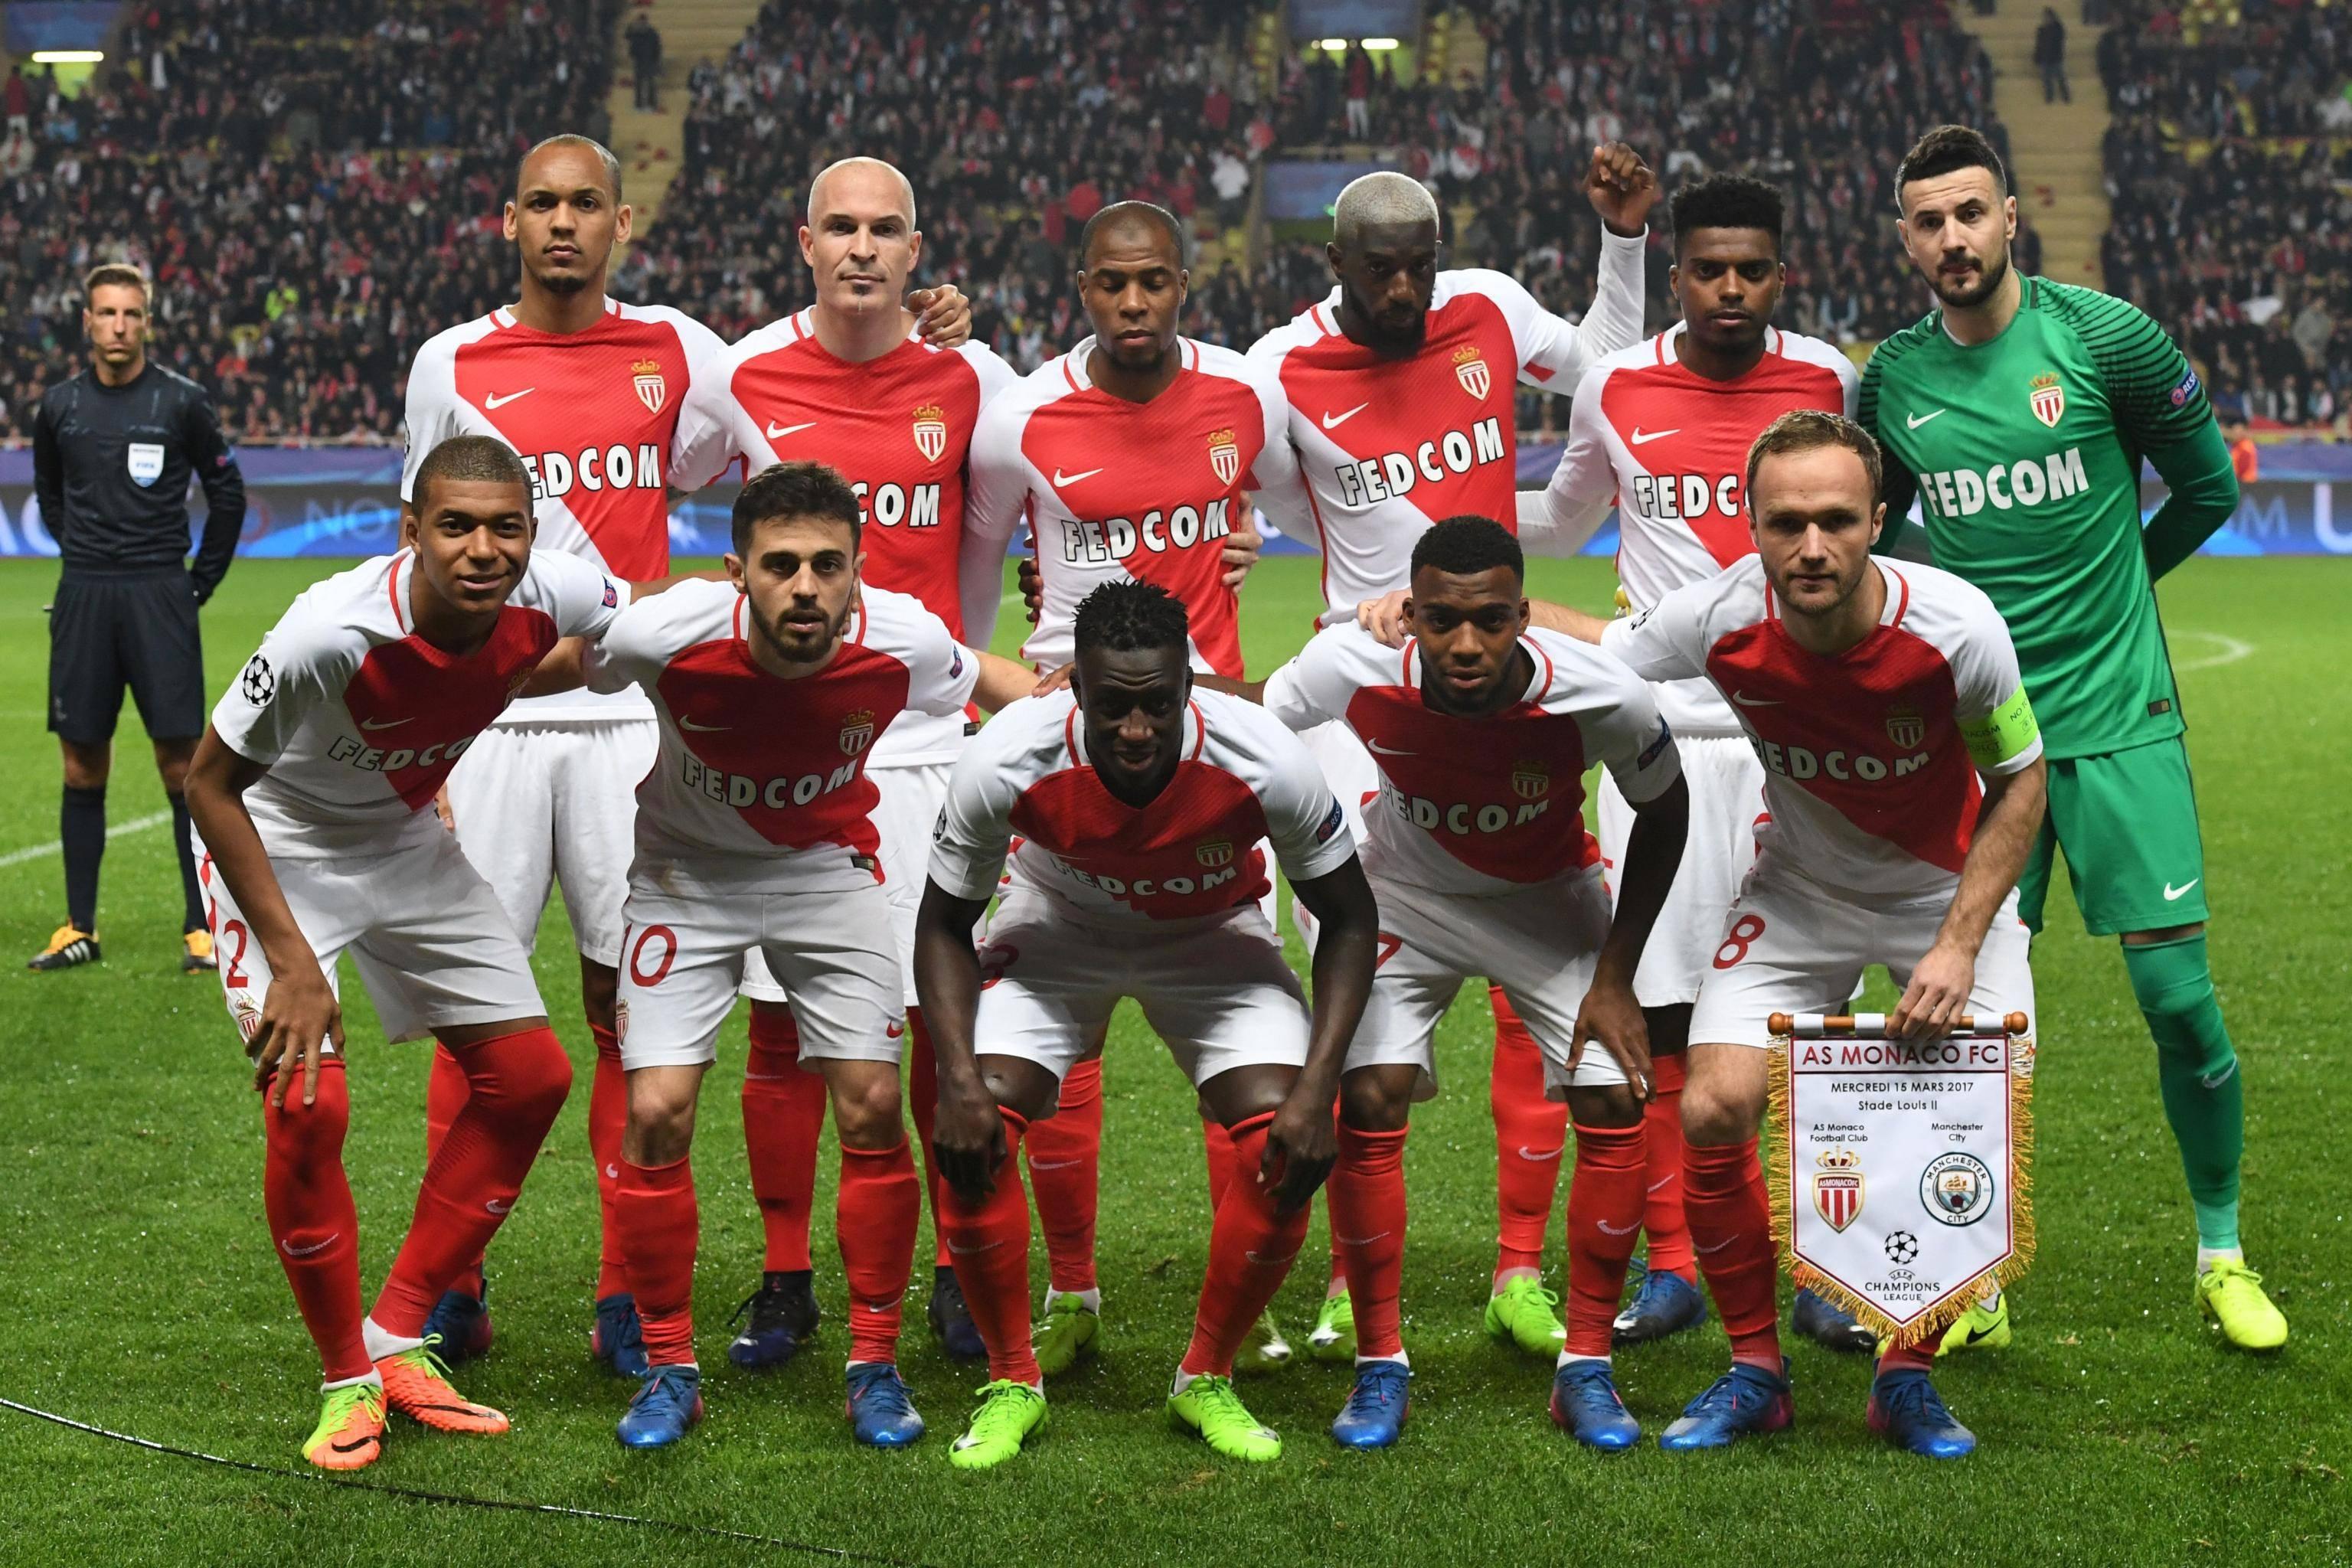 法国足球甲级联赛积分榜_法国足球甲级联赛场地_法国足球甲级联赛2013-2014赛季积分榜